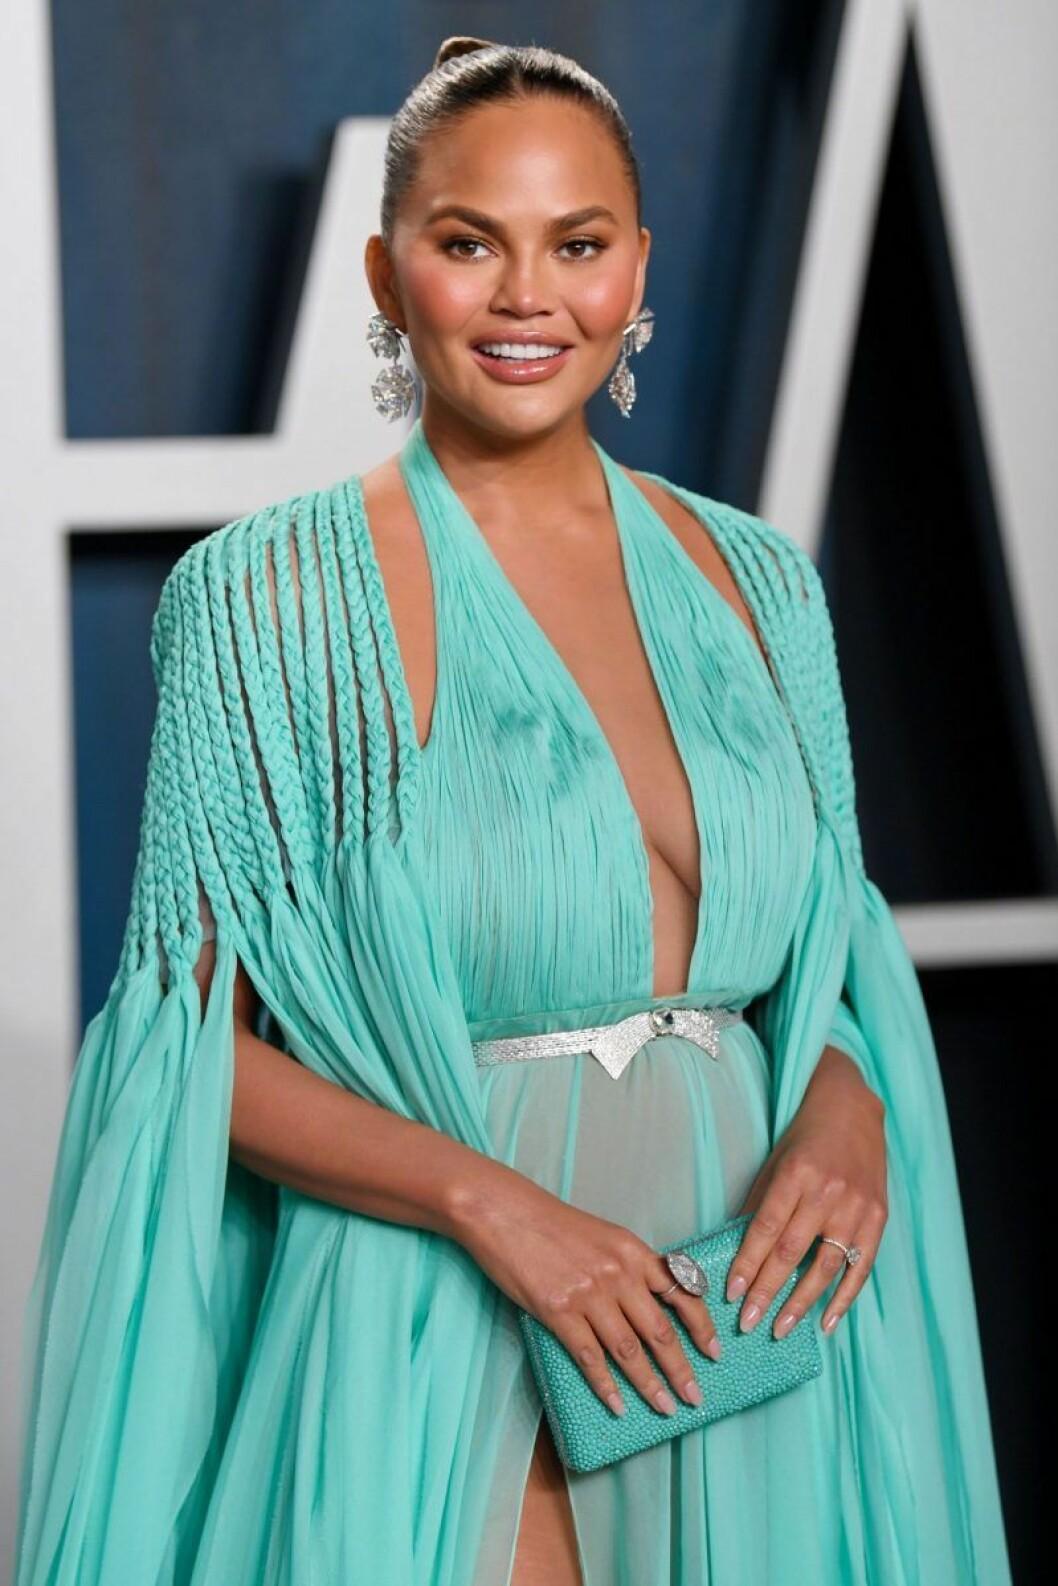 Chrissy Teigen i turkos klänning